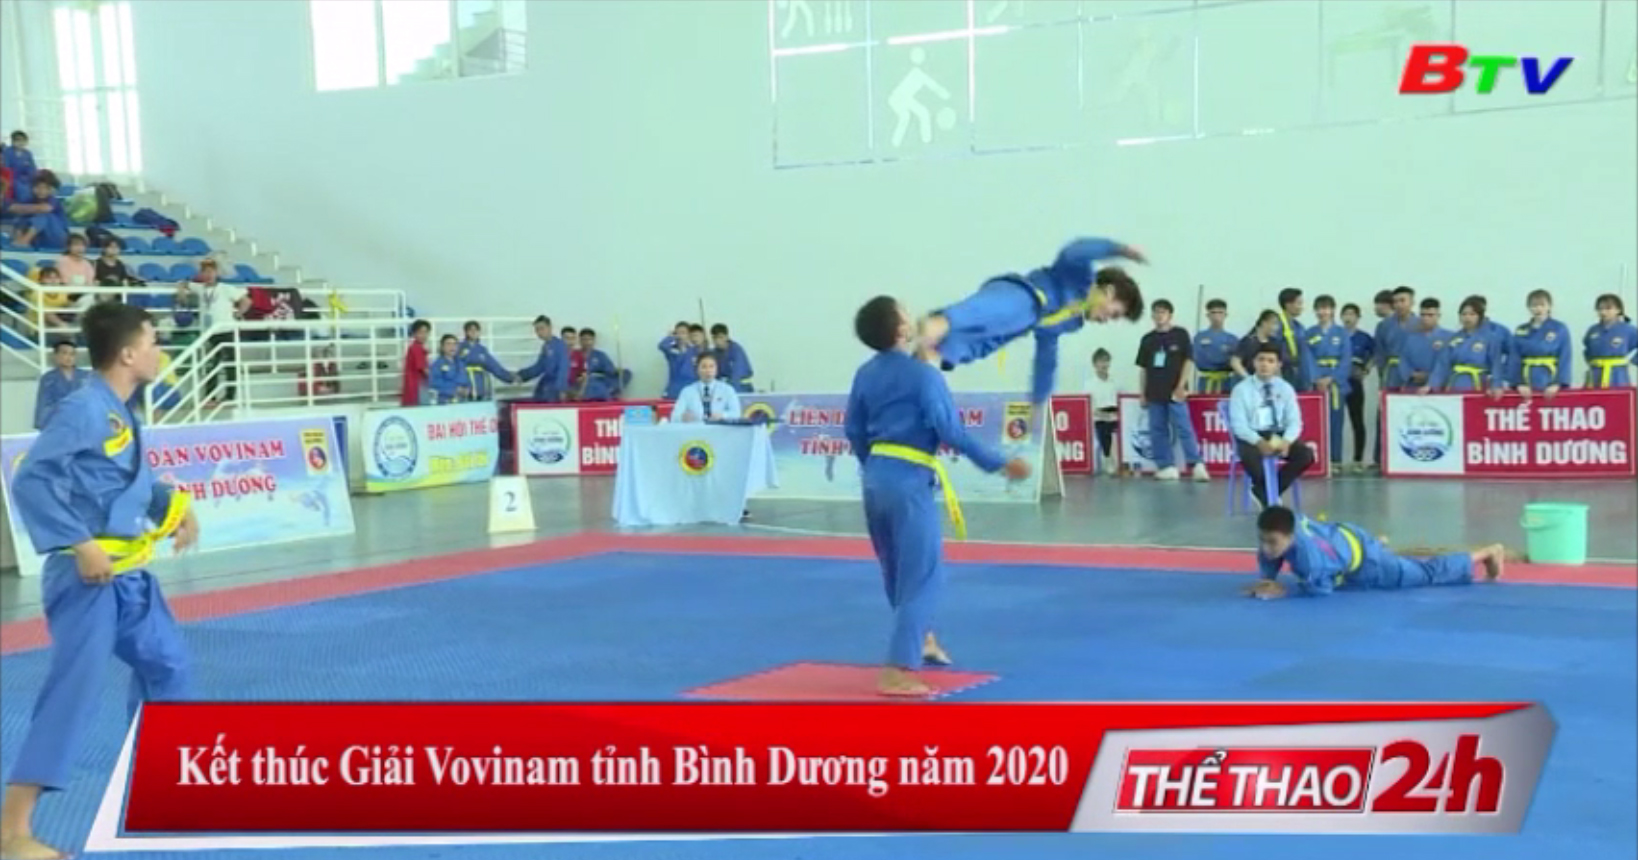 Kết thúc Giải vô địch Vovinam tỉnh Bình Dương năm 2020